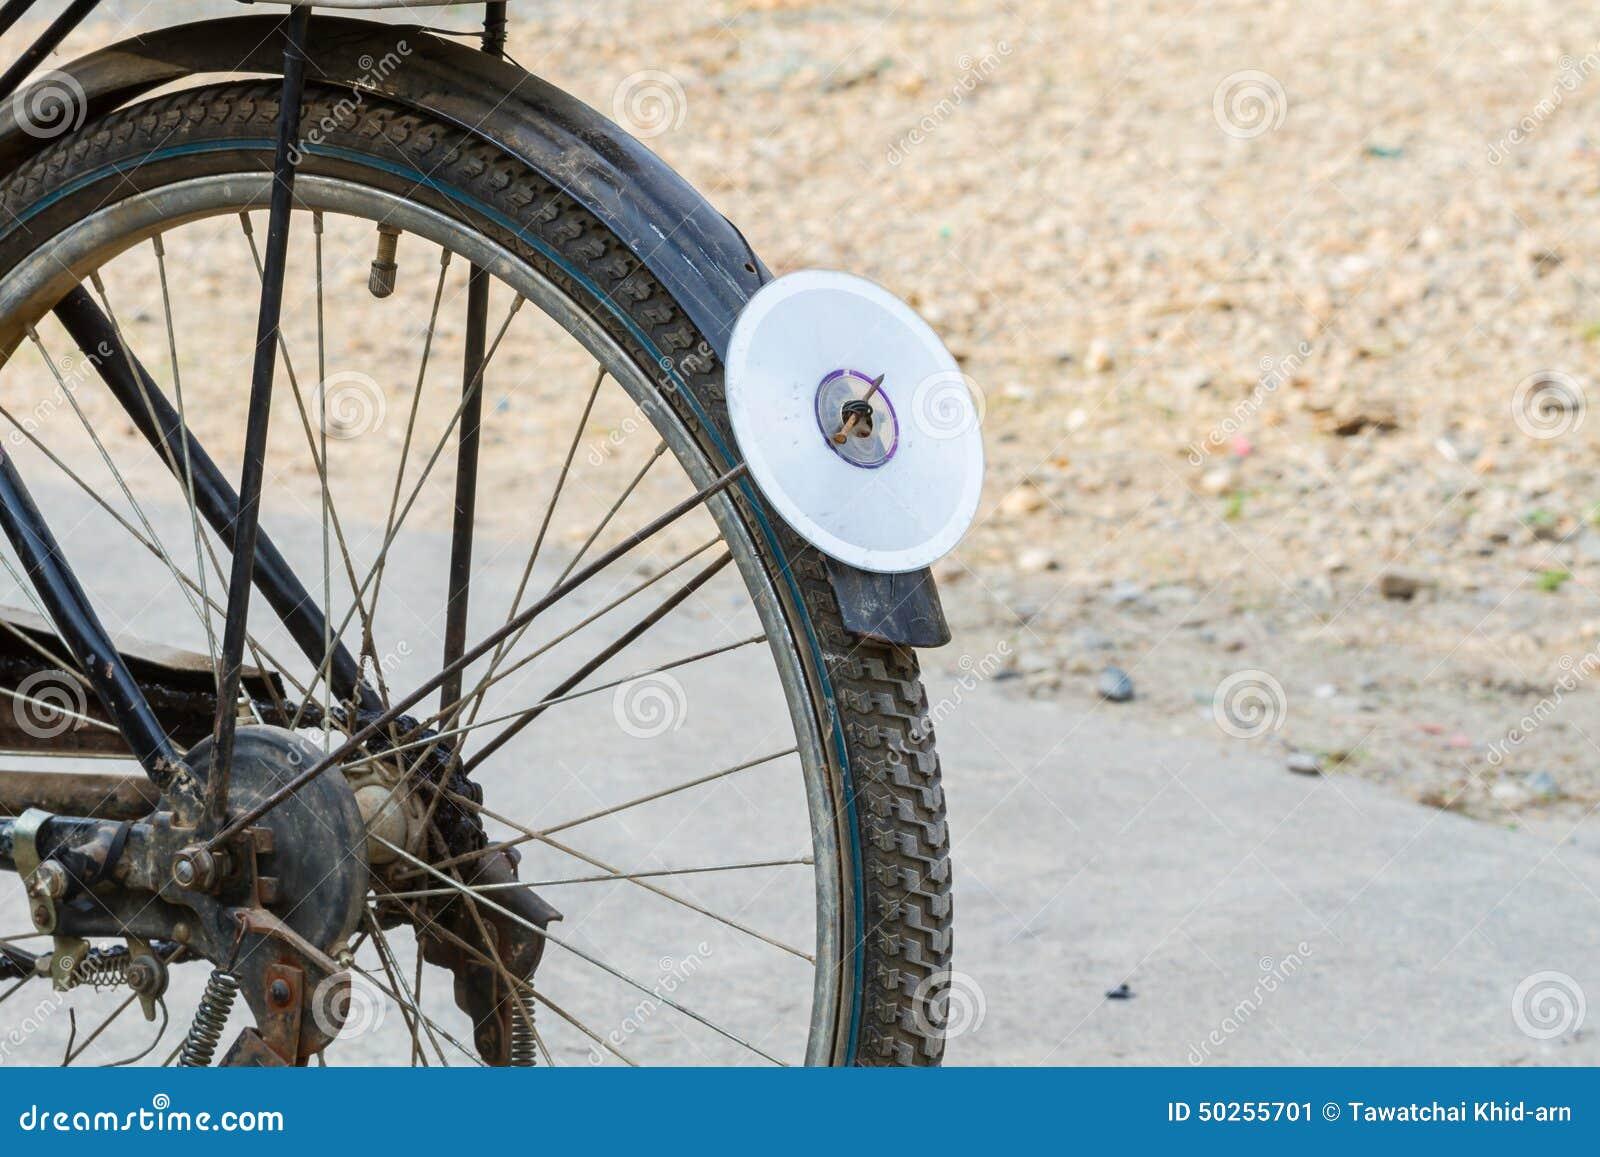 Cd diskett på den bakre stänkskärmen av cykeln som används som reflektorn